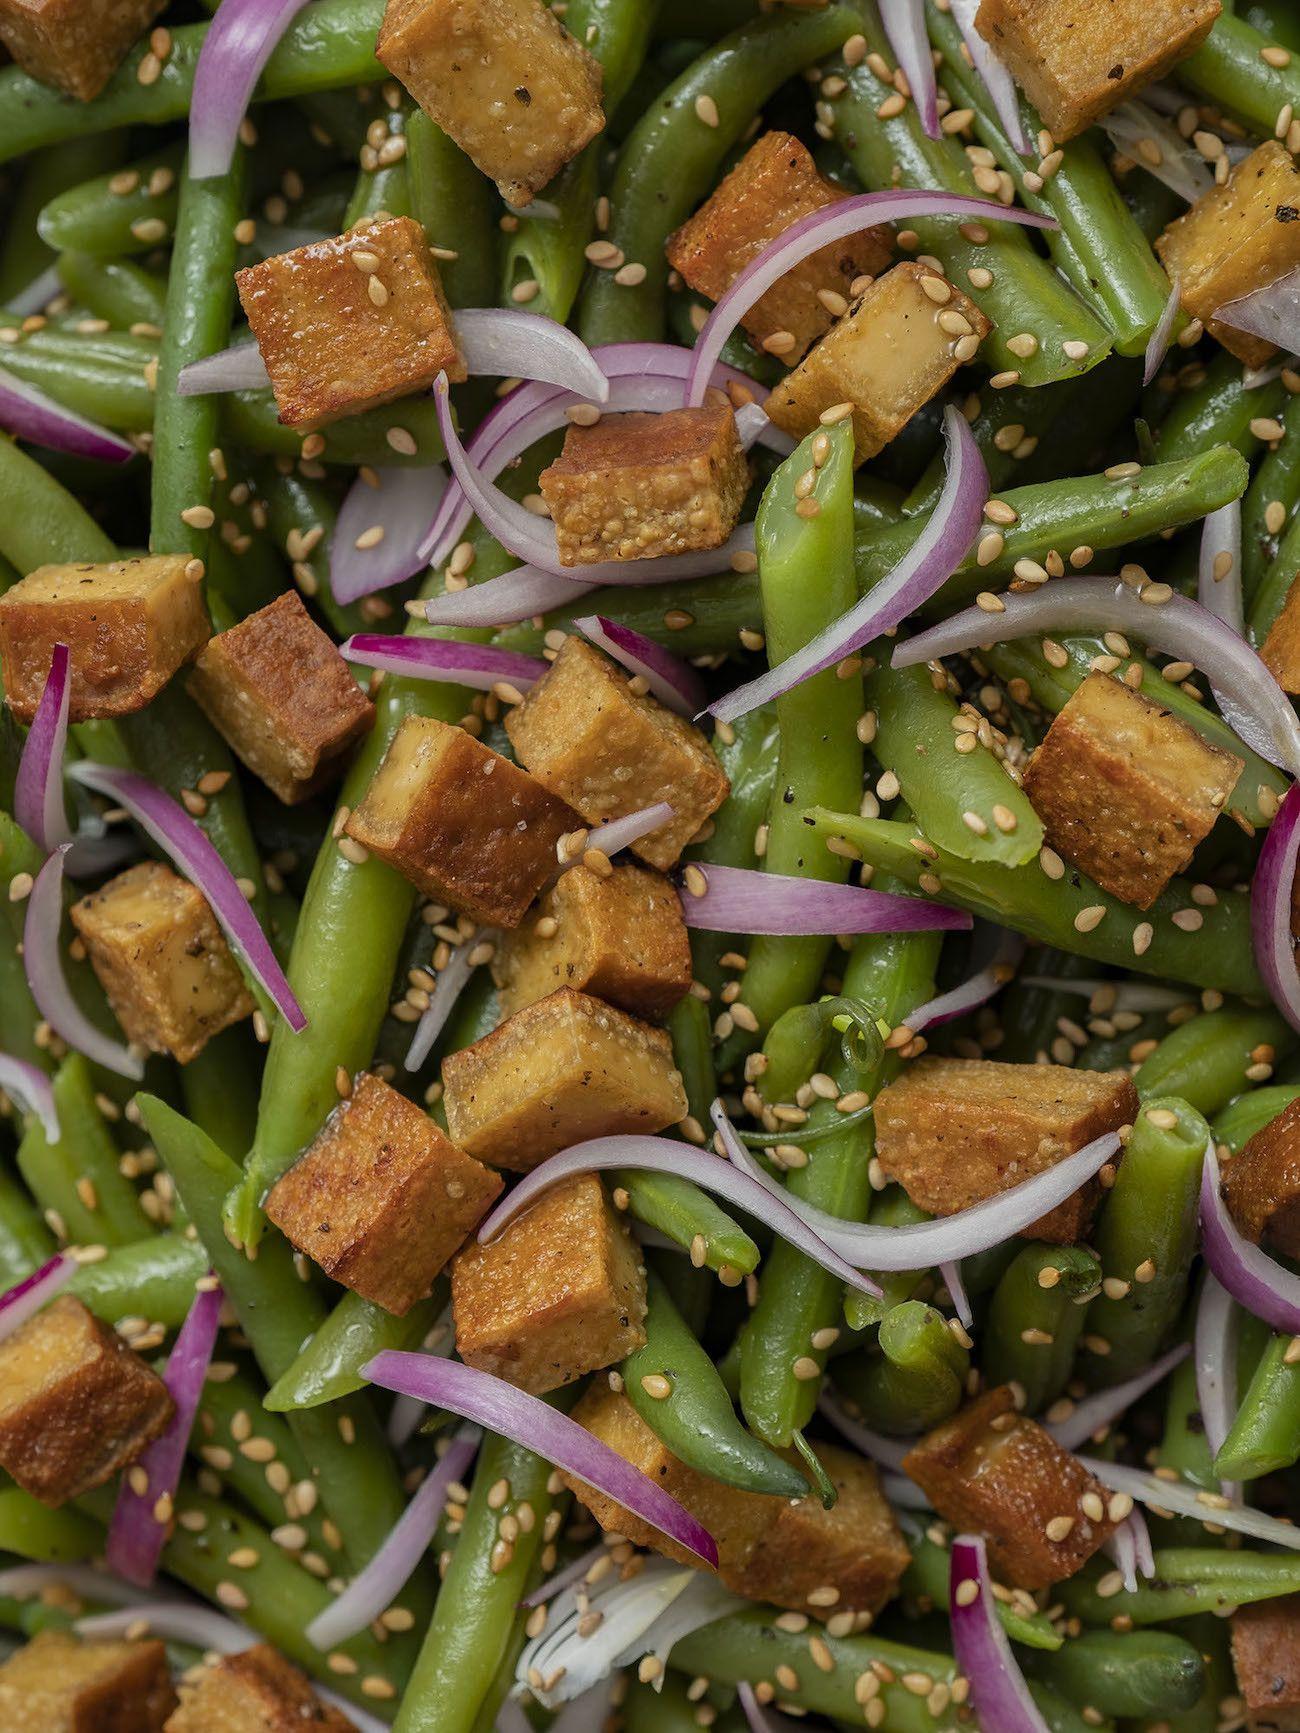 Foodblog, About Fuel, Rezept, Stangenbohnensalat mit geräuchertem Tofu, Sesam und roten Zwiebeln, Vegan, Sesam